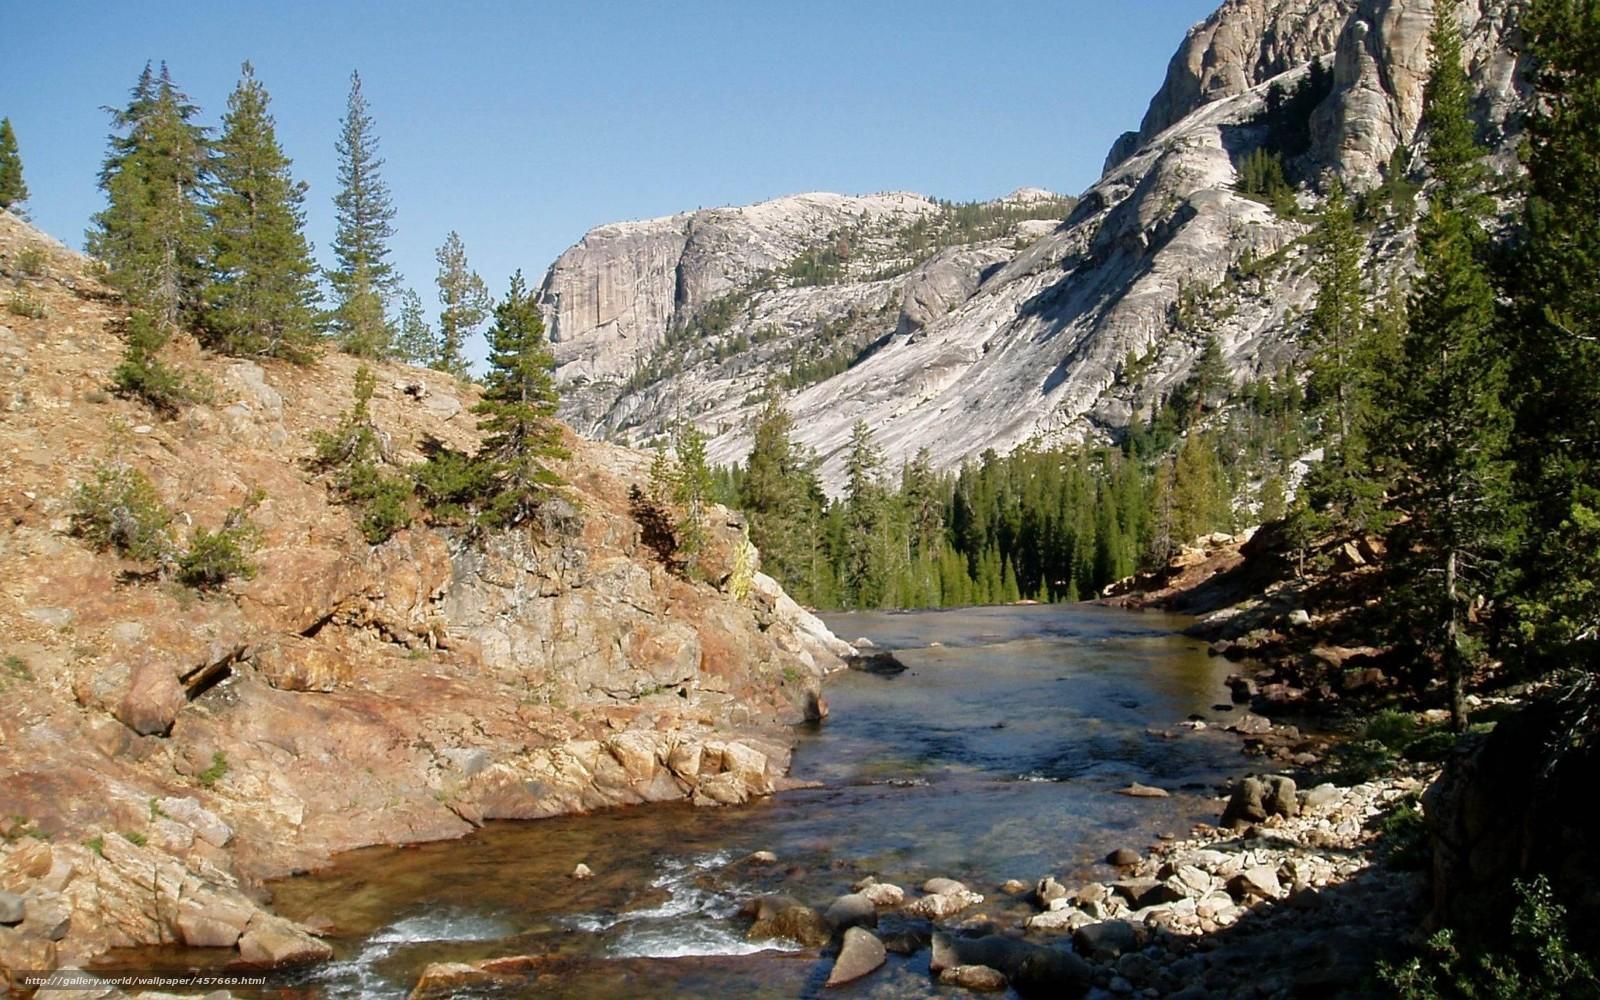 Scaricare gli sfondi fiume di montagna pietre foresta for Pietre di fiume